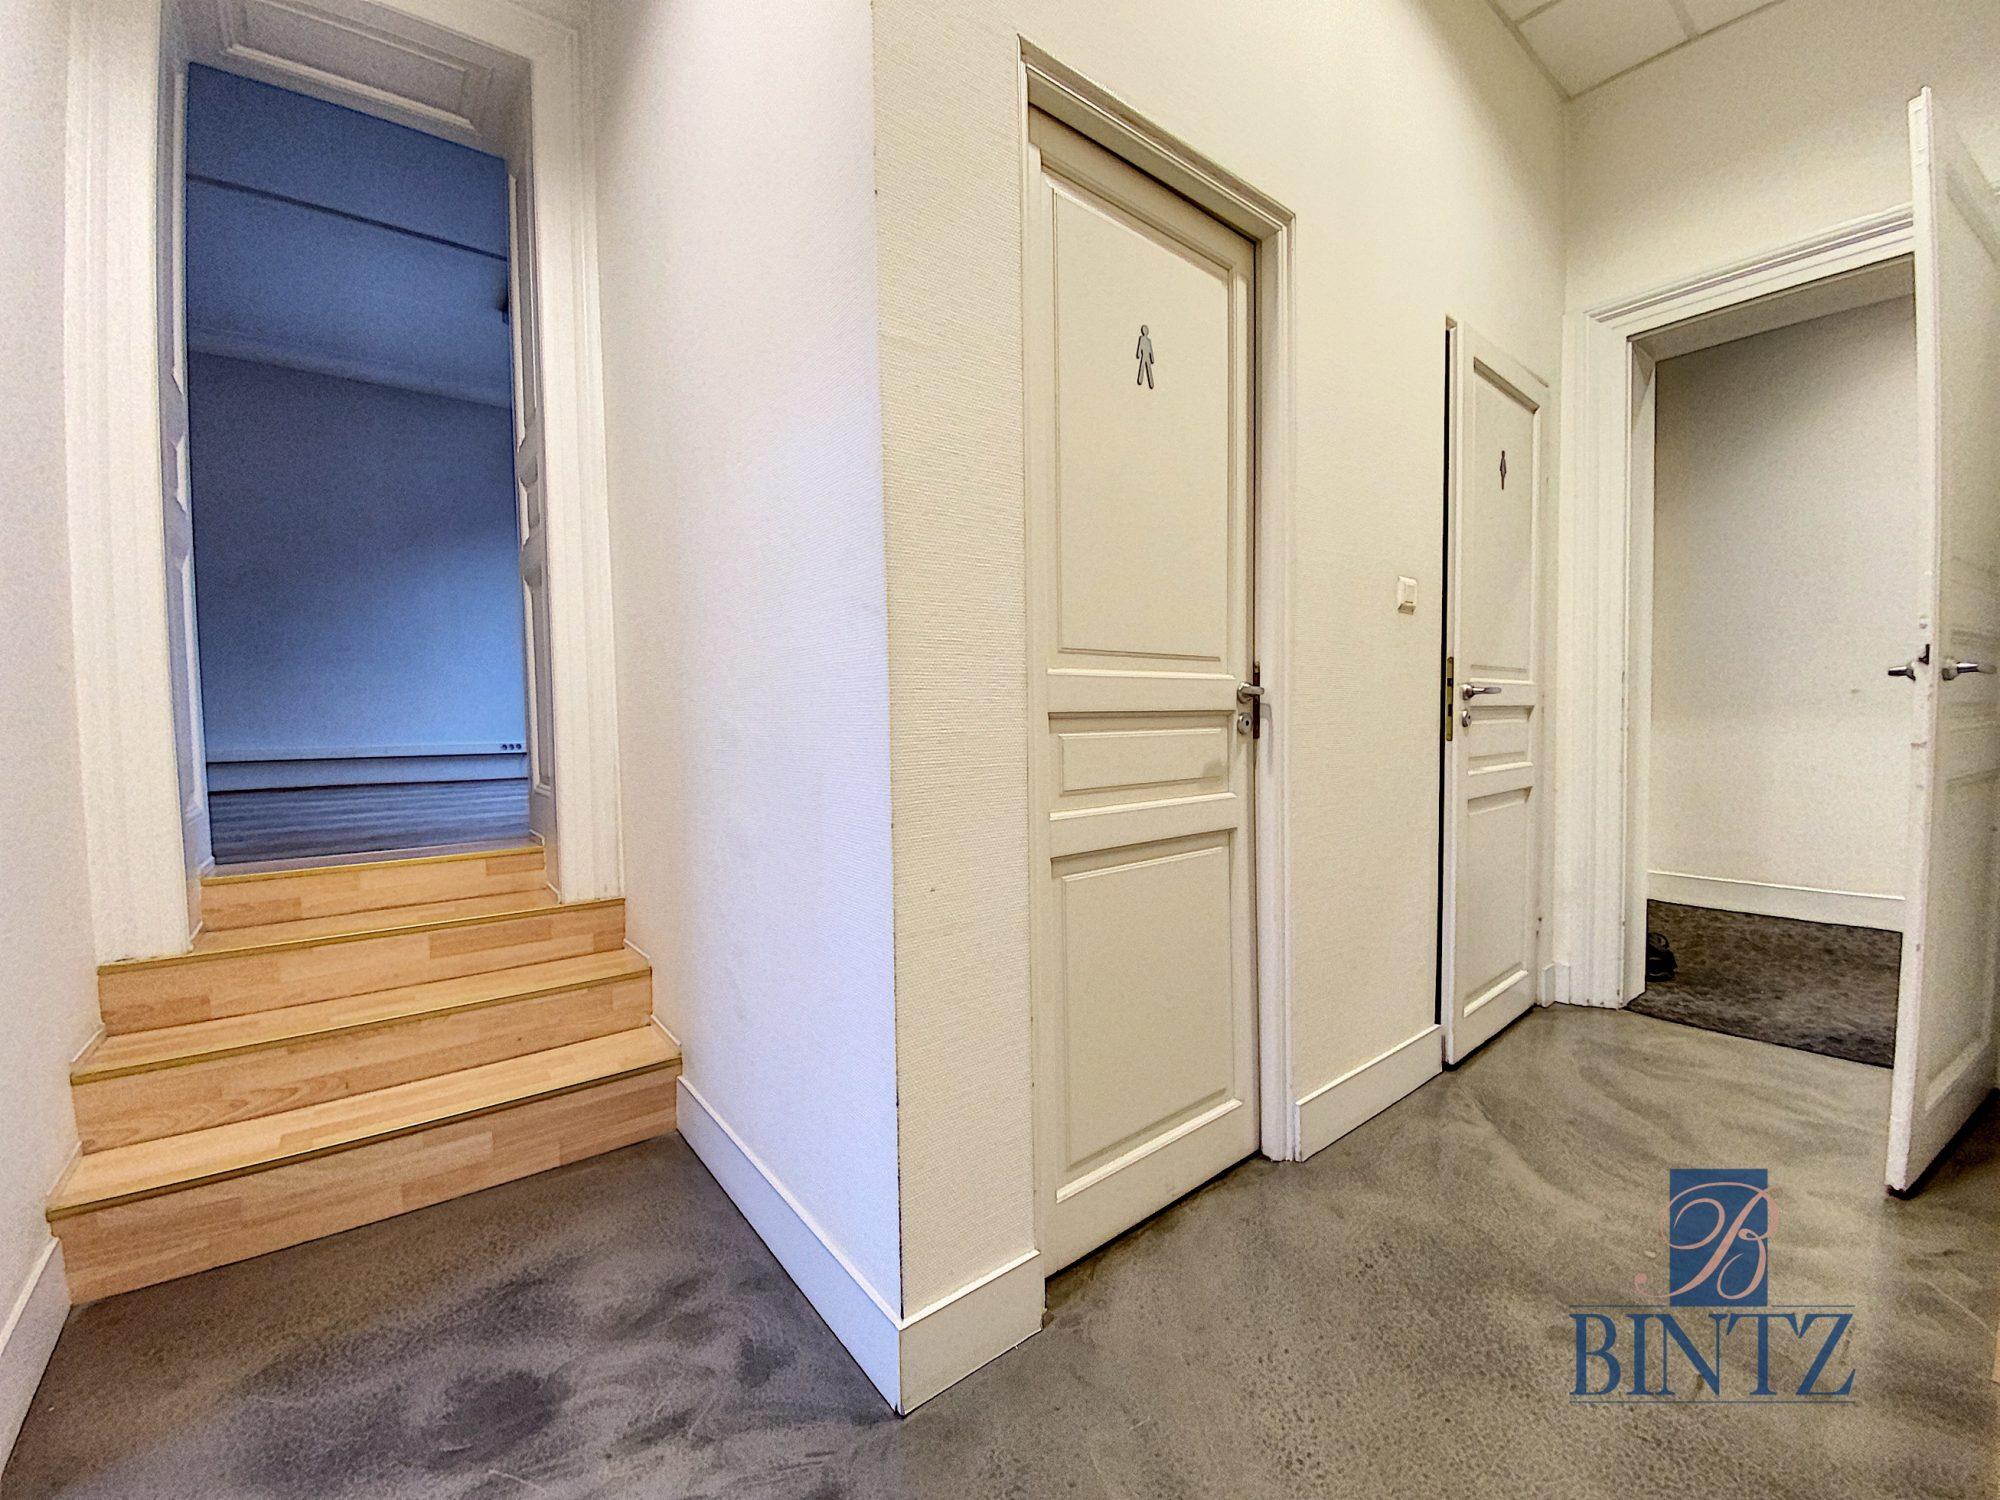 Immeuble de bureaux à louer - Devenez locataire en toute sérénité - Bintz Immobilier - 7